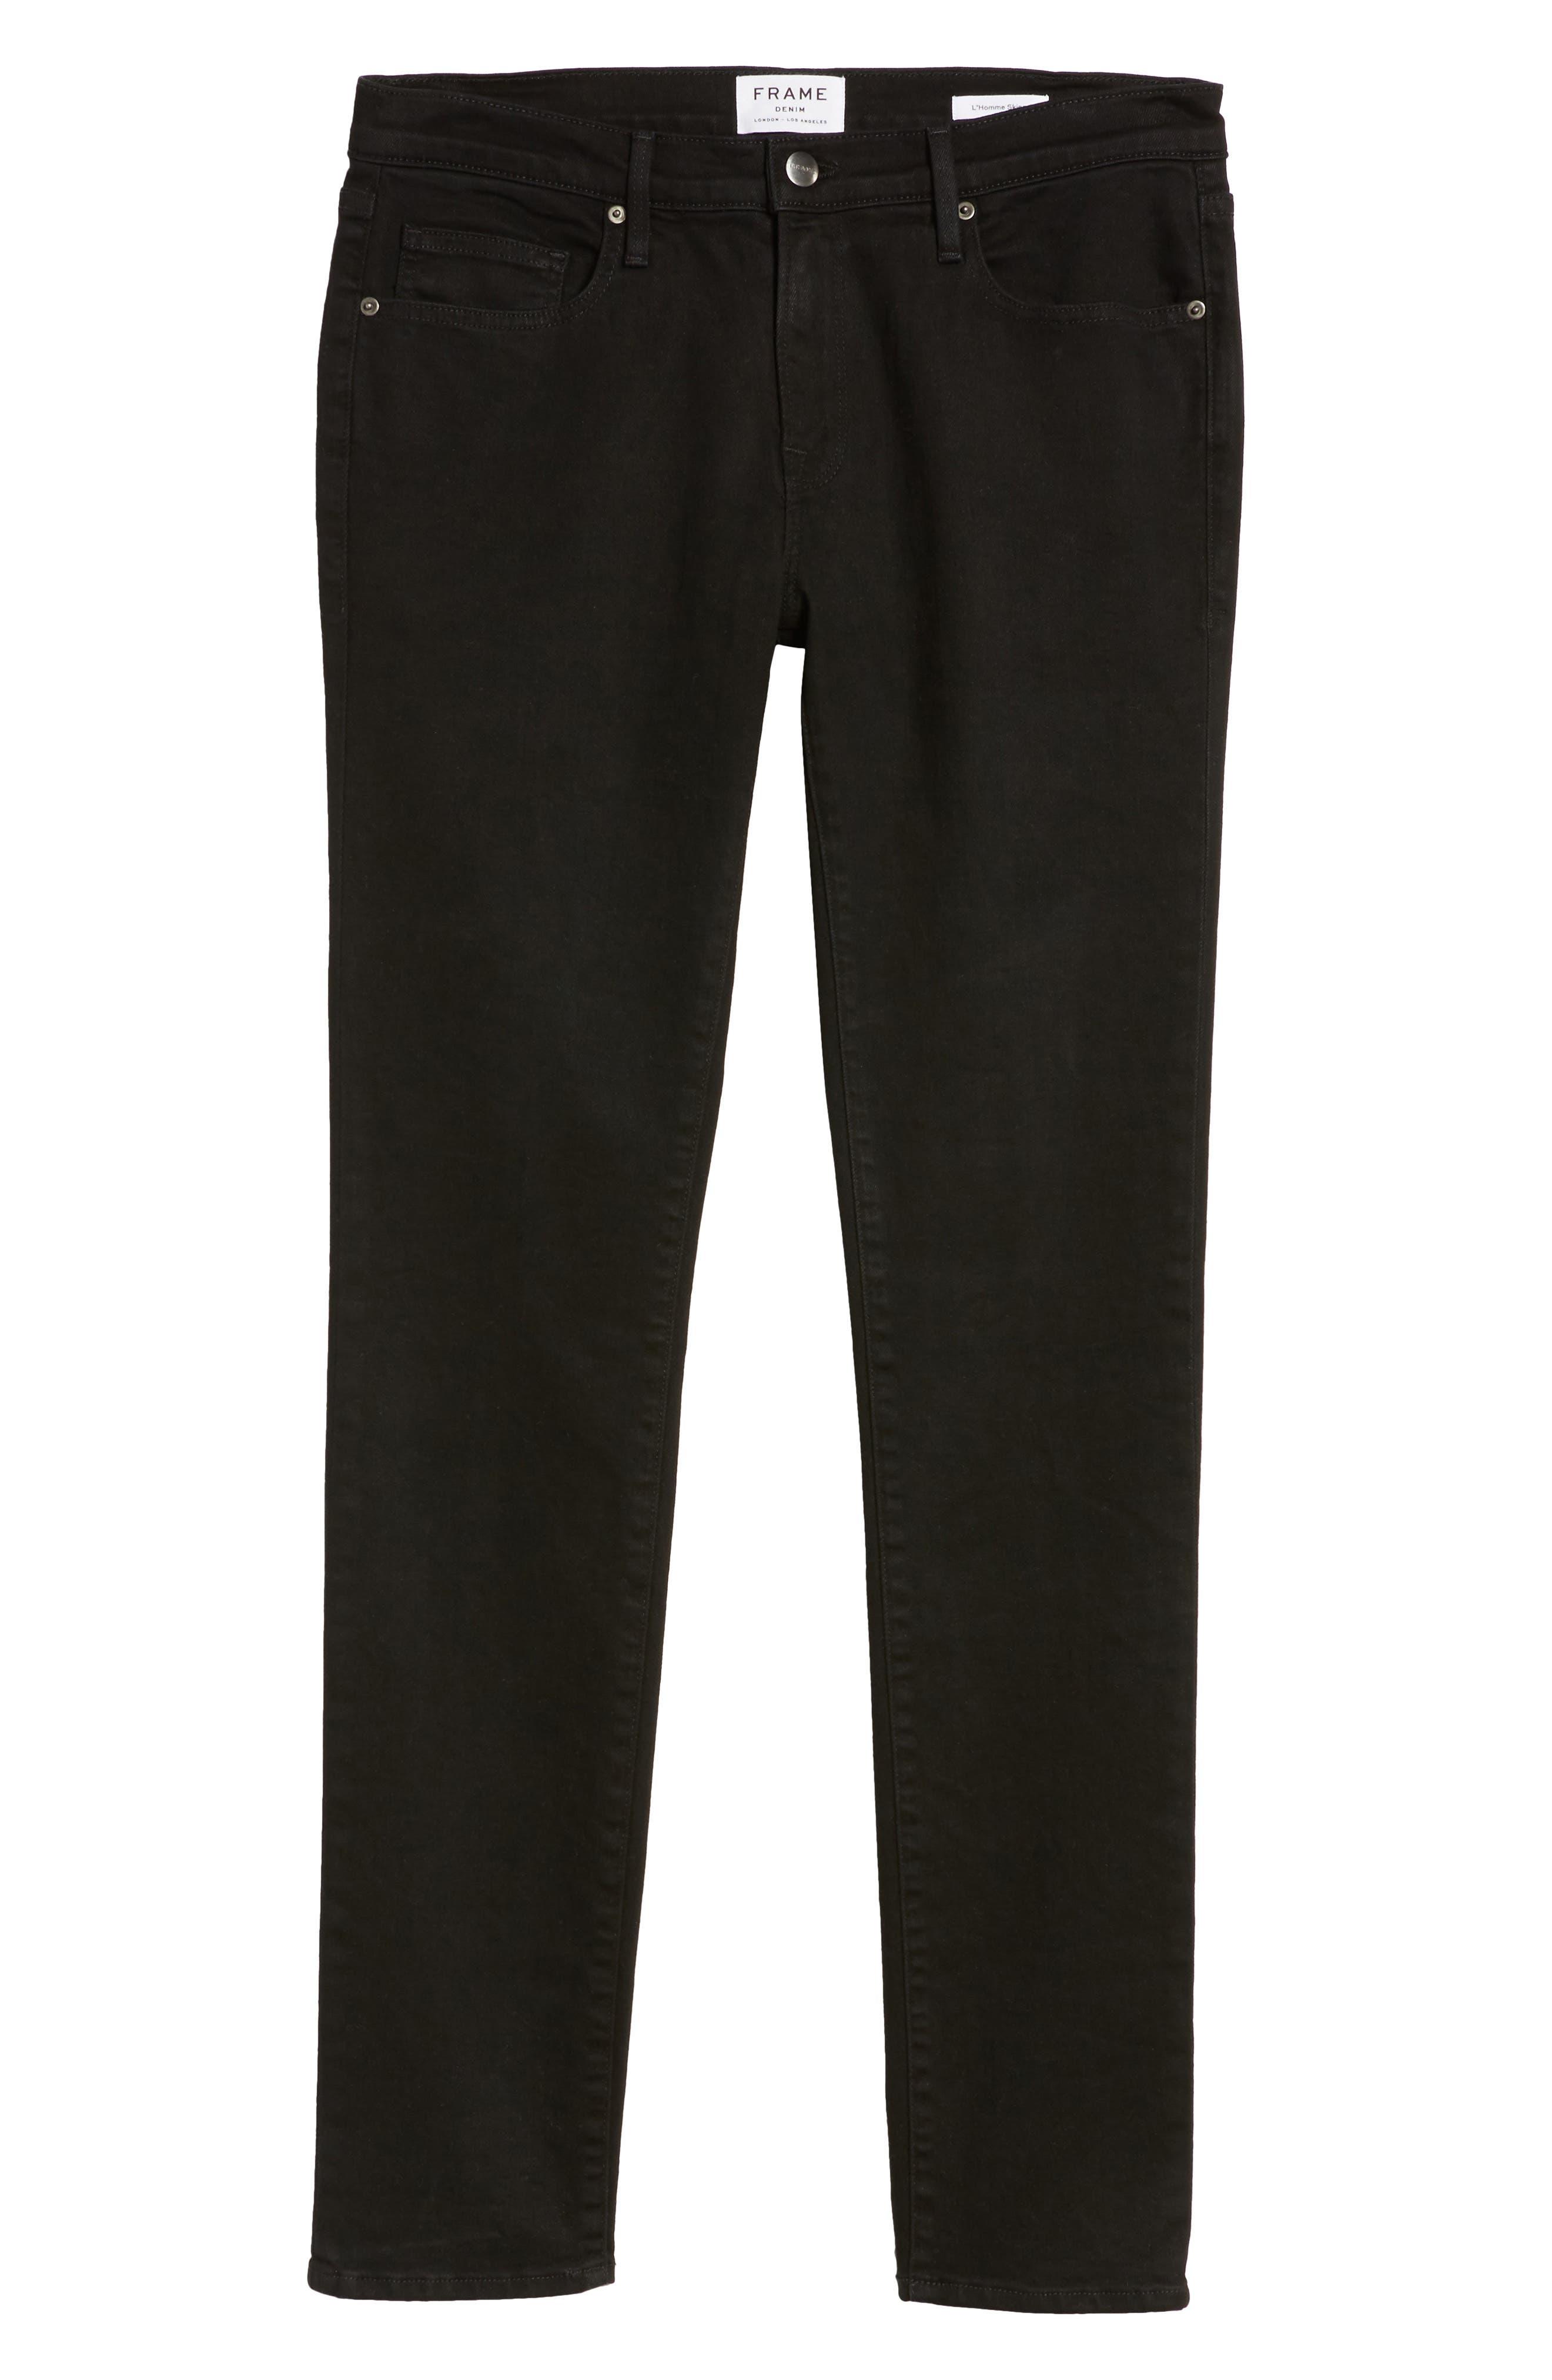 L'Homme Skinny Fit Jeans,                             Alternate thumbnail 6, color,                             Noir